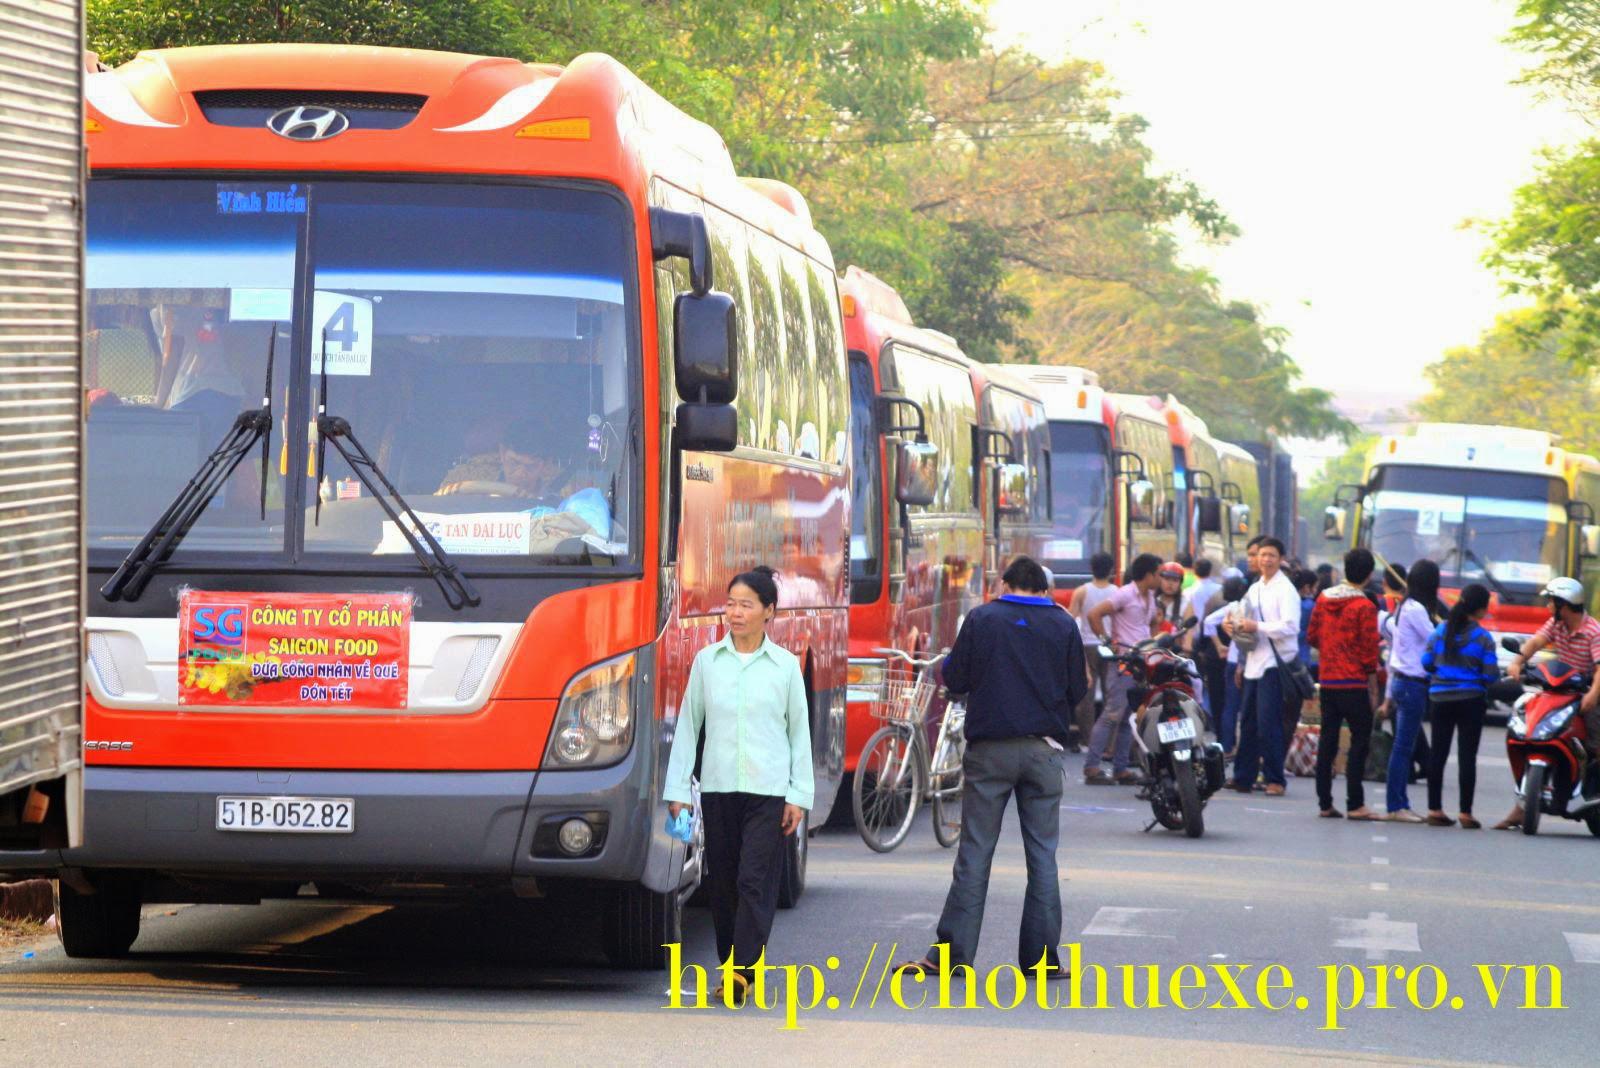 Cho thuê xe đưa đón nhân viên về quê ăn tết 2015 - Ất Mùi